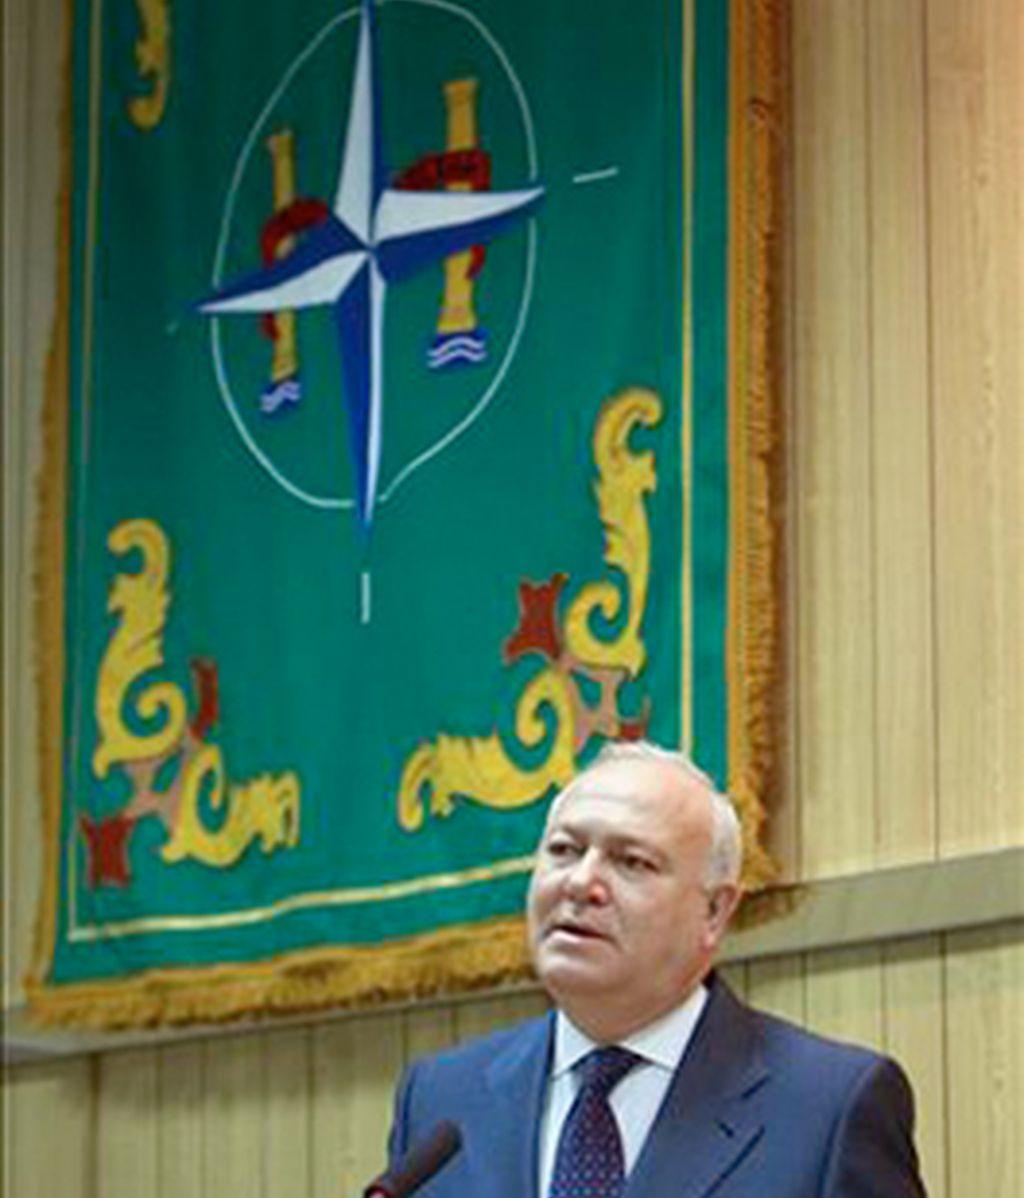 El ex ministro Moratinos, en Retamares. Foto: MDE.